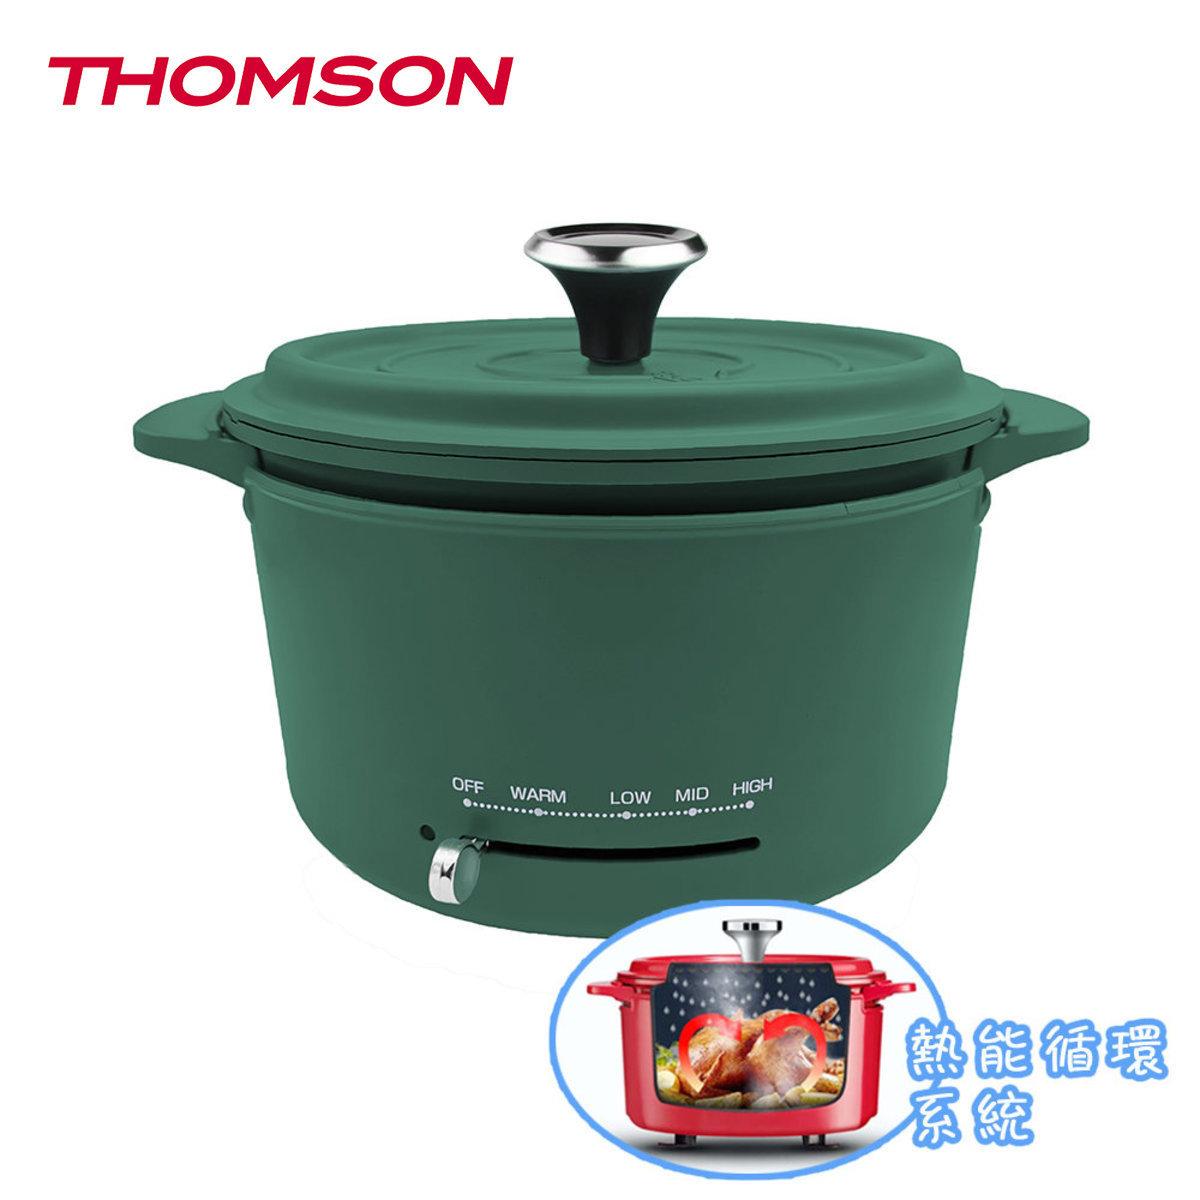 多用途料理壓鑄鋁鍋 - TM-MCM002 (綠色)